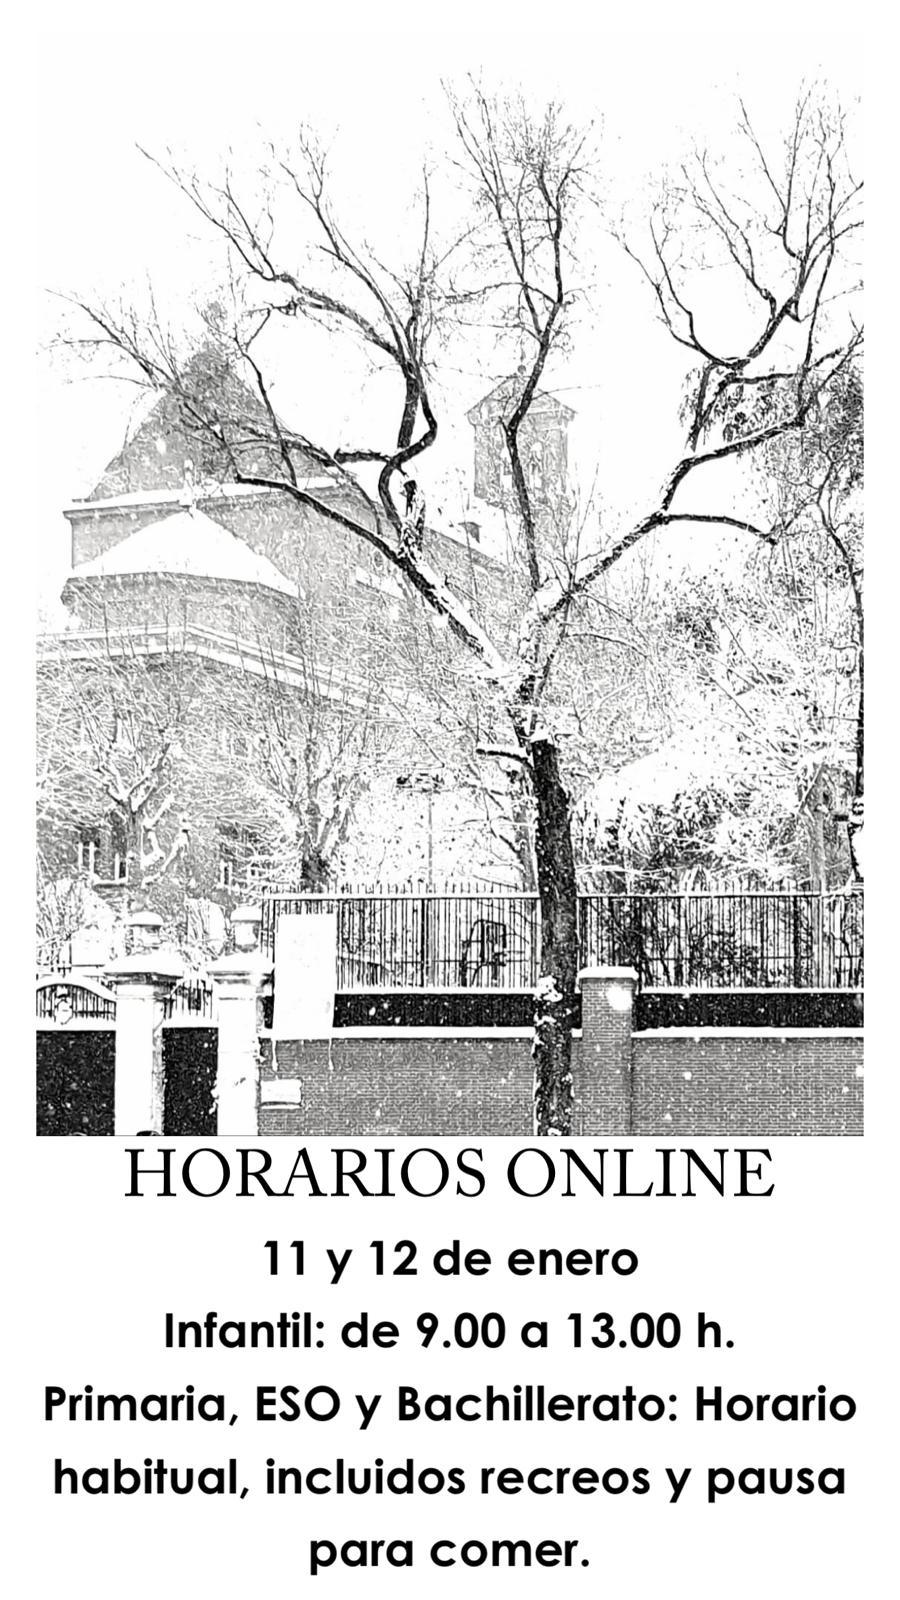 Horario clases online 11 y 12 enero